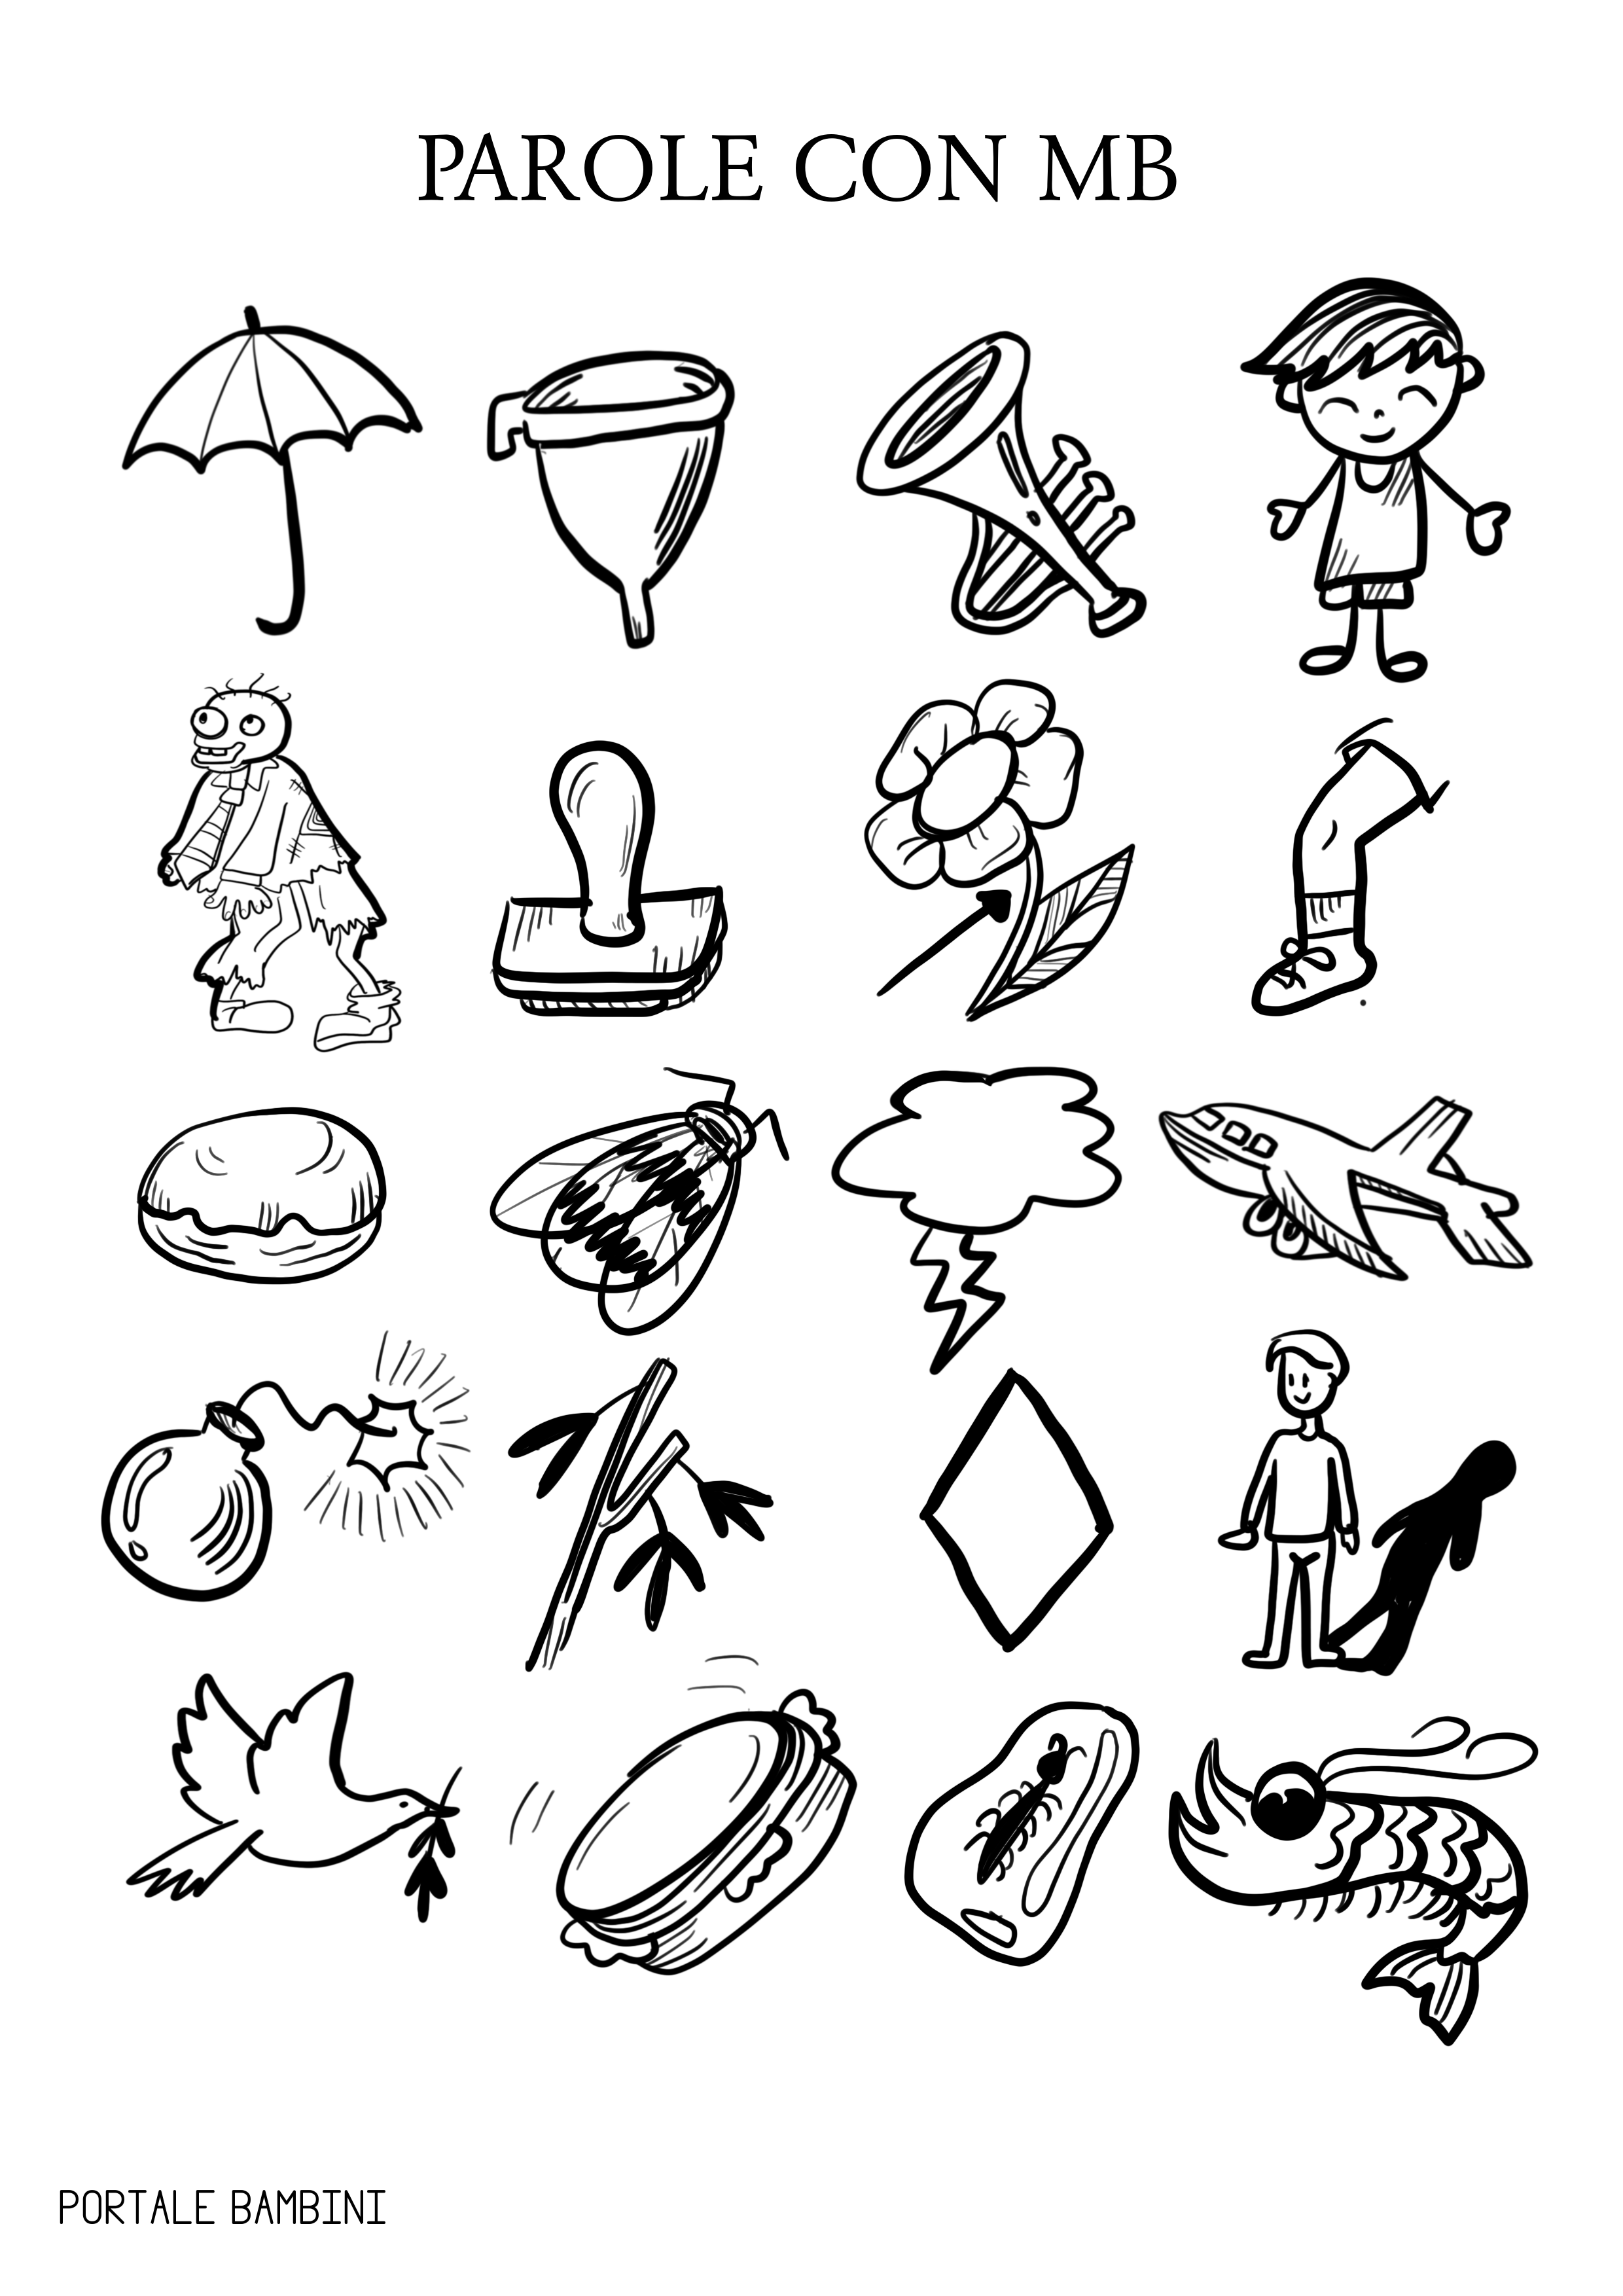 Parole con mb elenco e schede didattiche portale bambini for Parole capricciose esercizi